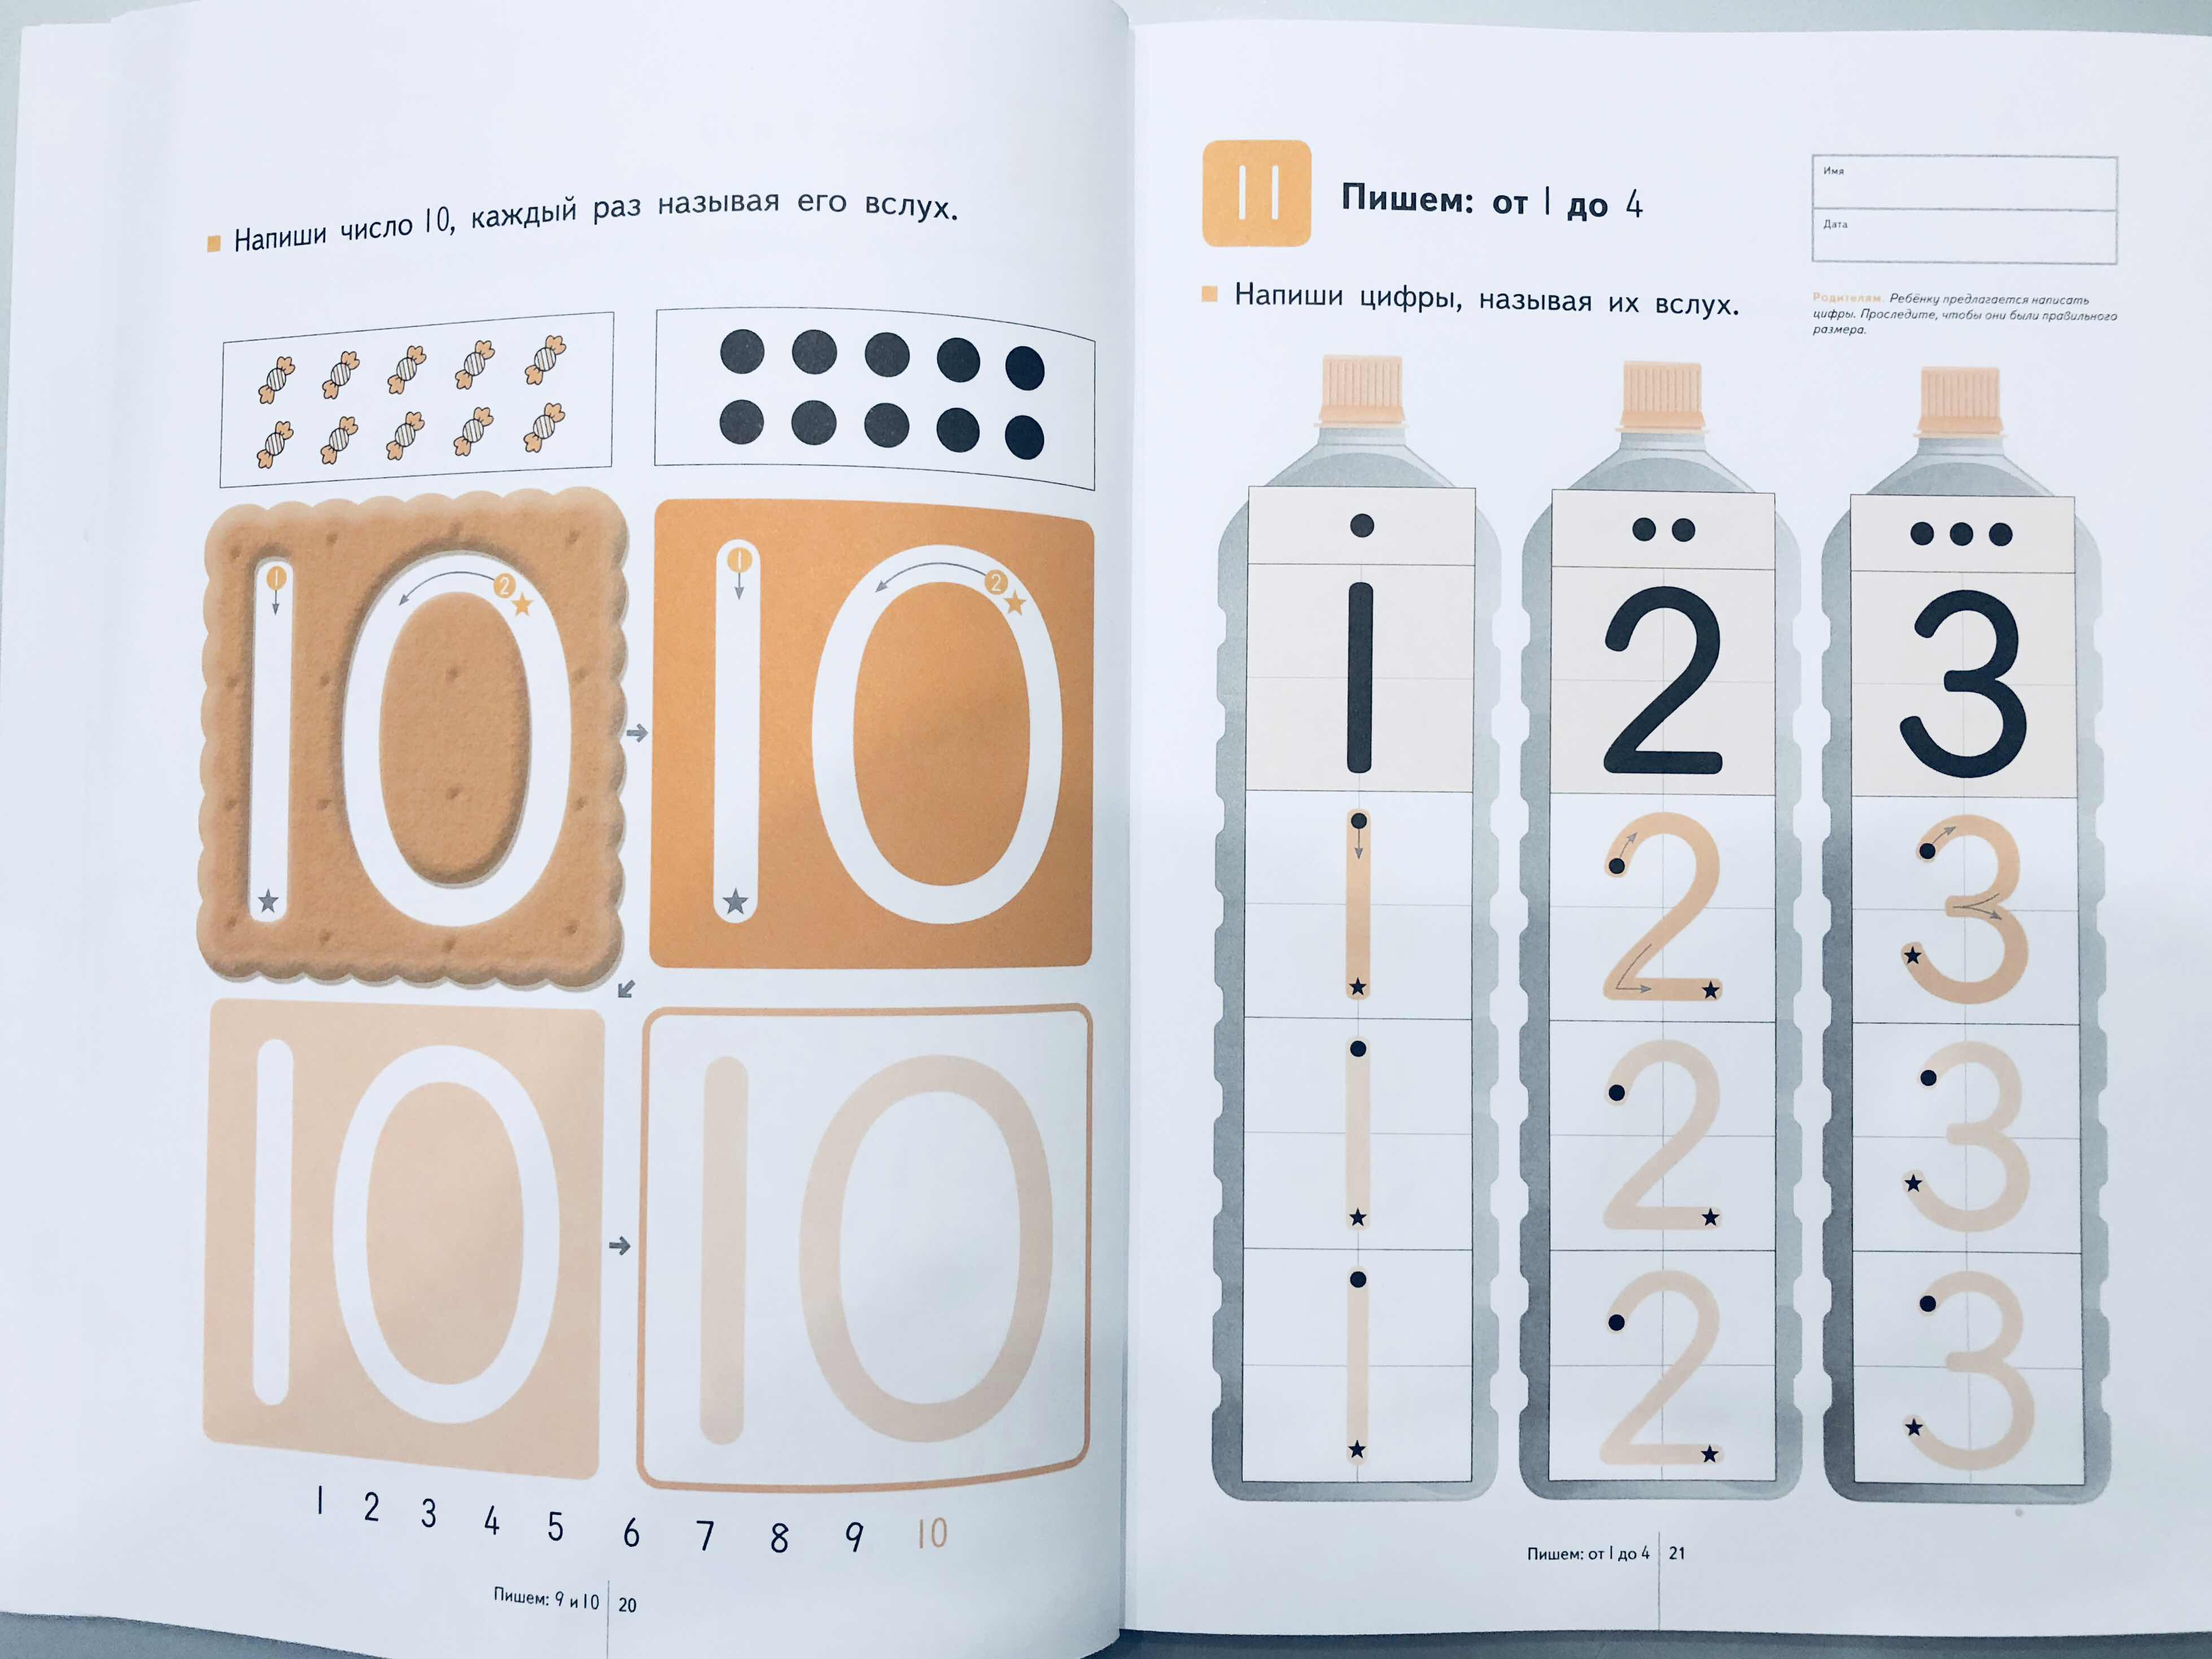 Начинаем учиться считать. Изучаем счет от 1 до 30. 7